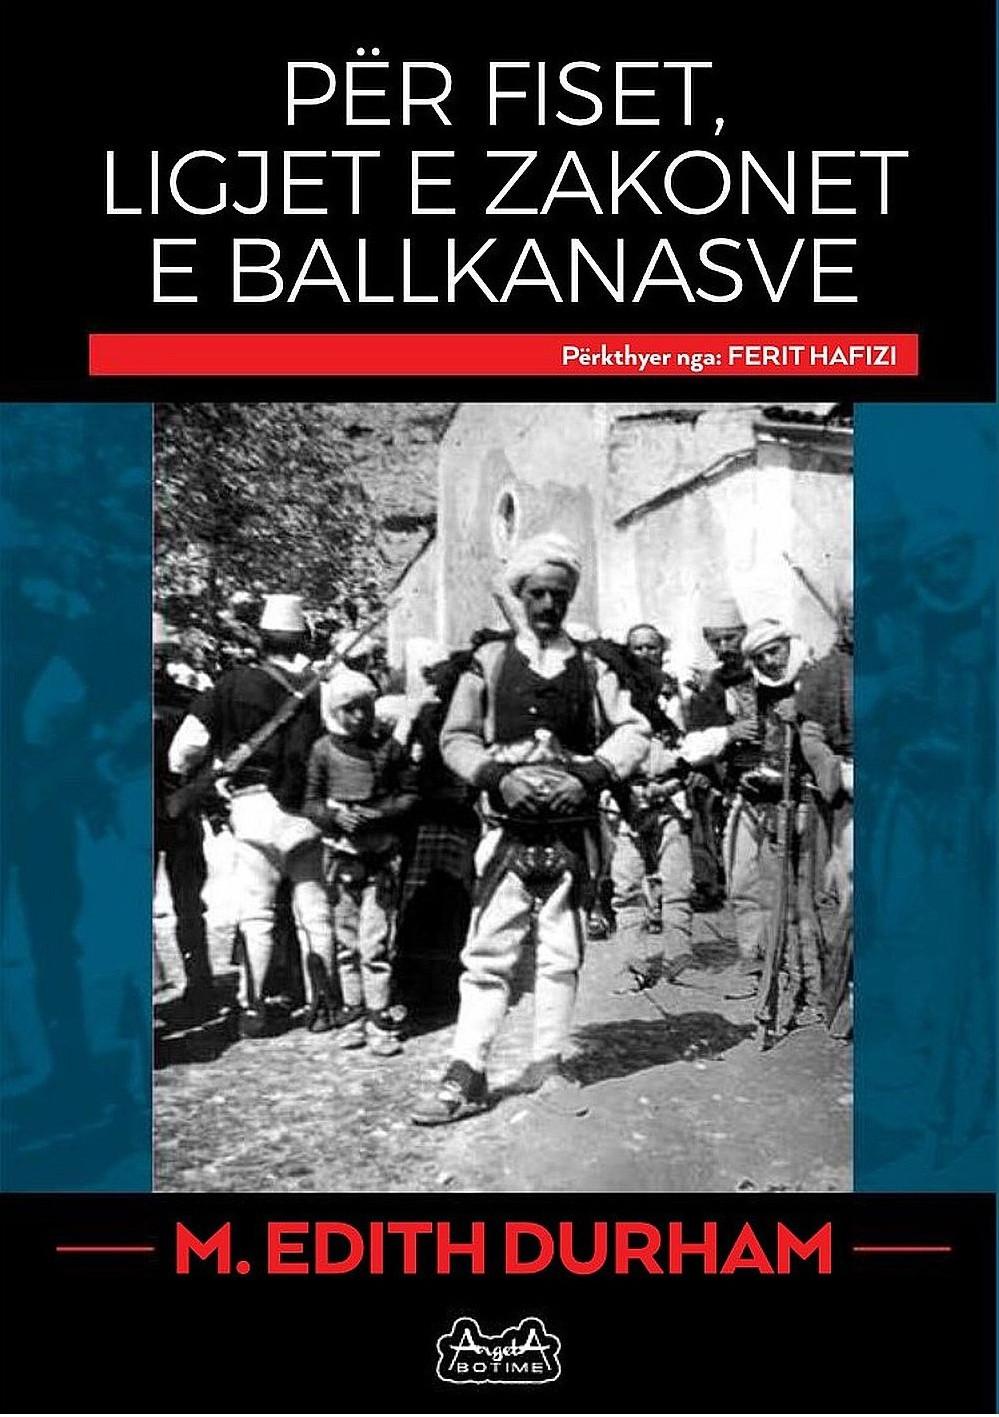 Per fiset, ligjet e zakonet e Ballkanasve